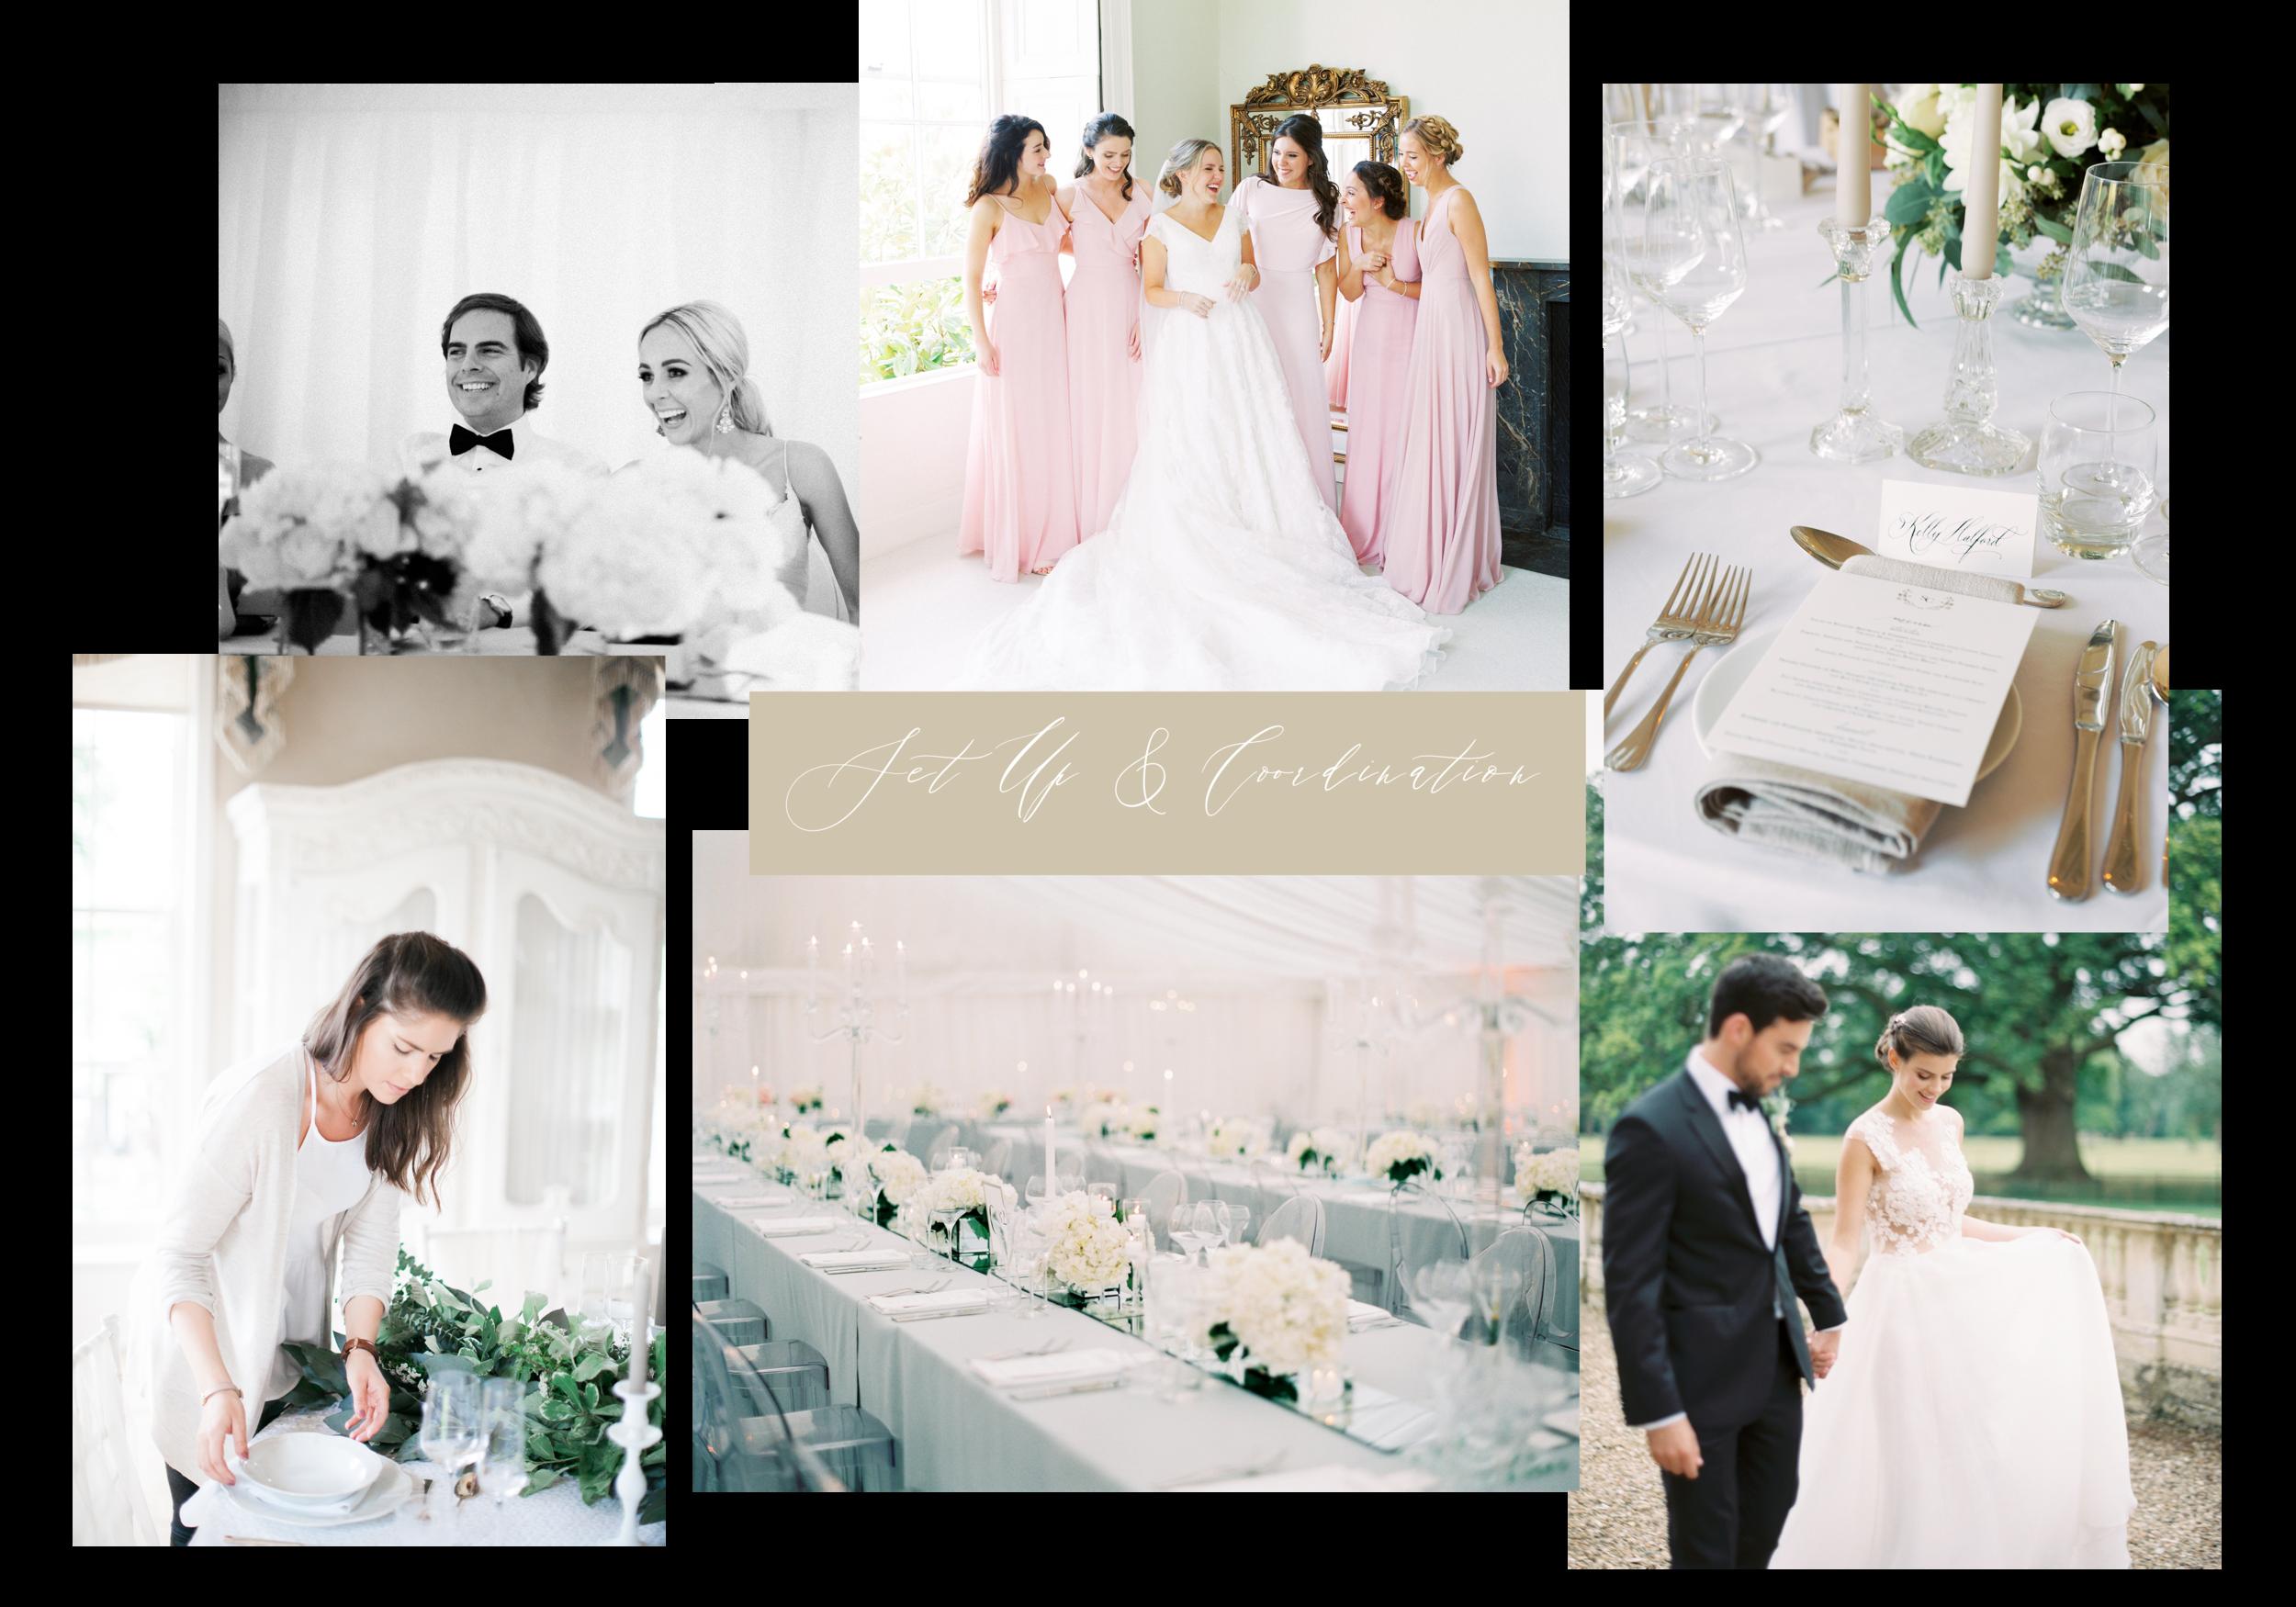 Lily & Sage | Luxury Wedding Planner | Wedding Planner UK Wedding Planner Cotswolds Wedding Planner London Wedding Planner Europe Cotswolds Wedding Planner UK Wedding Planner Weddin Stylist | Complete Wedding Planning & Styling | Styling & Design.jpg